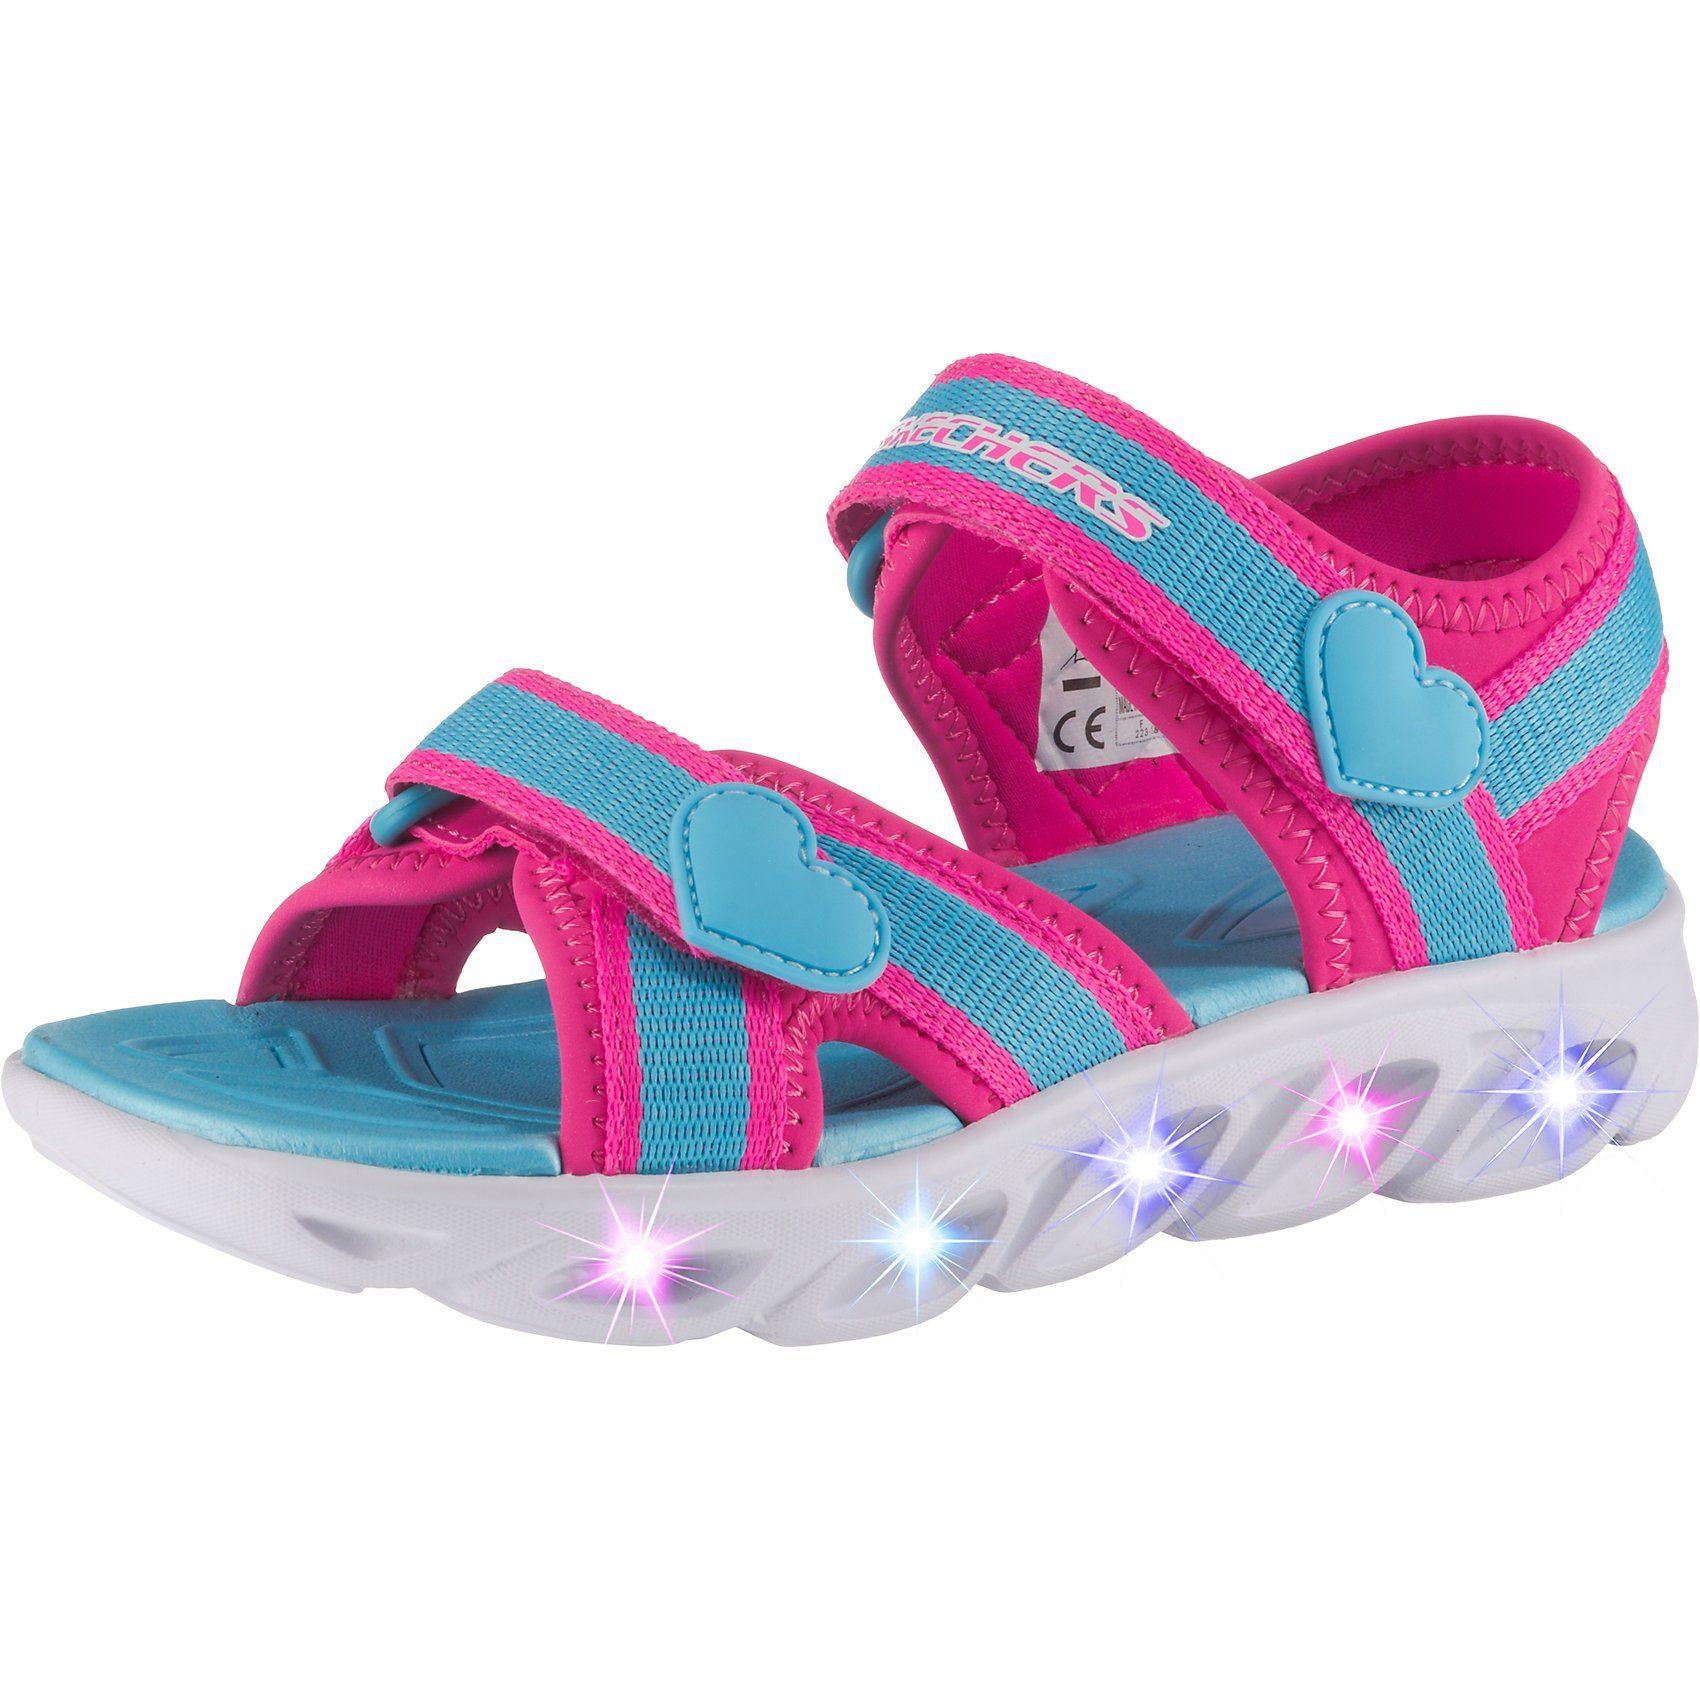 Skechers Sandalen Blinkies Hypno splash Splash Zooms für Mädchen online kaufen | OTTO